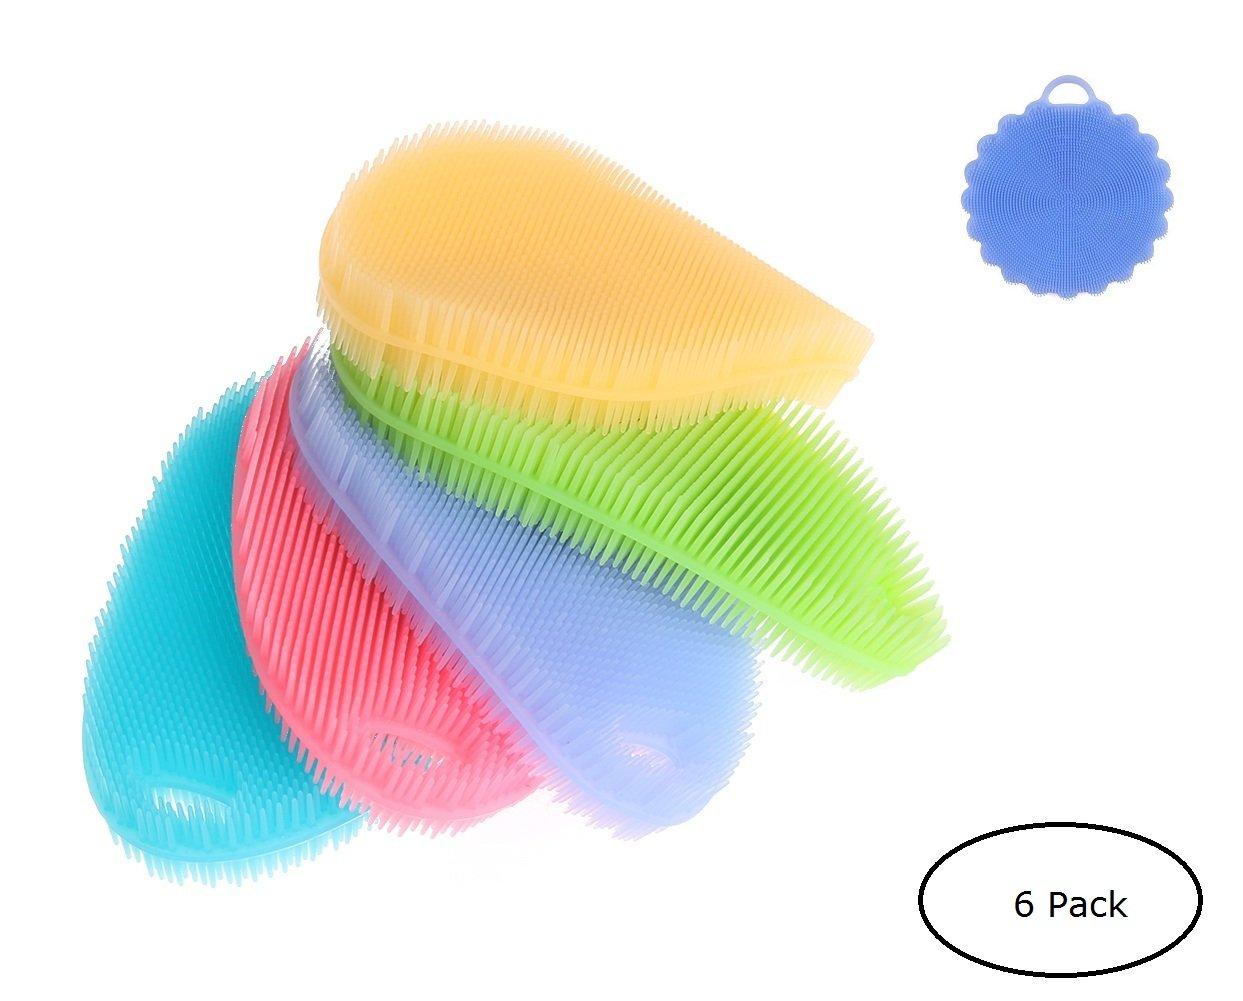 Dish washing Brush Dish Towel Silicone Washing Sponge Cleaning Washing Brush Scrubbers-Dish Fruit Bath Scrubbers Washing Brushes Silicone Bathing Brush - 2017 New Arrived WB01